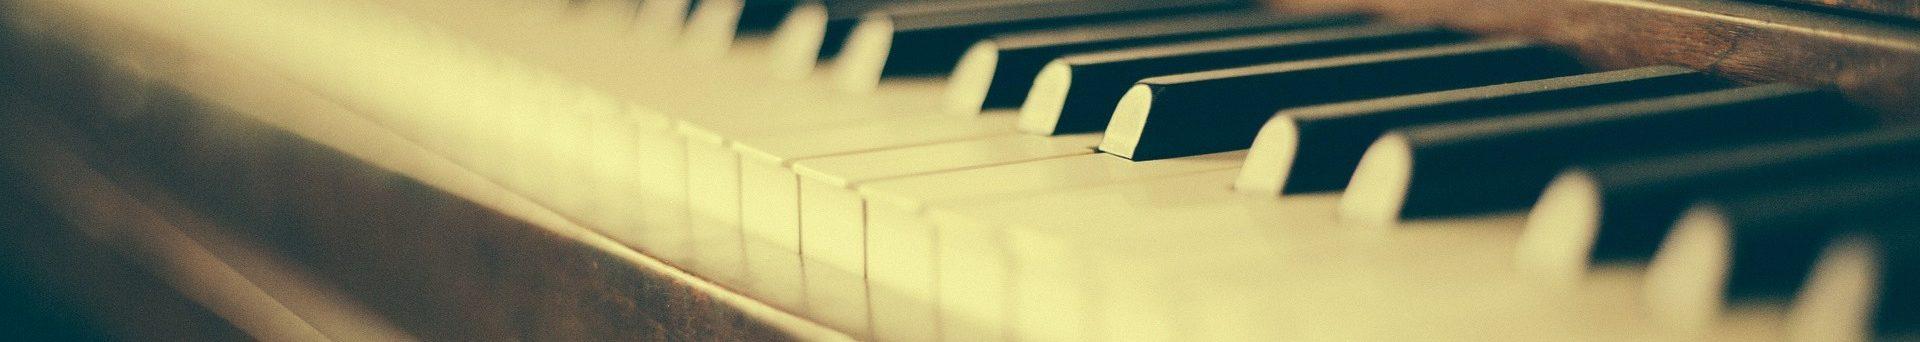 Ecole Musique Aigle